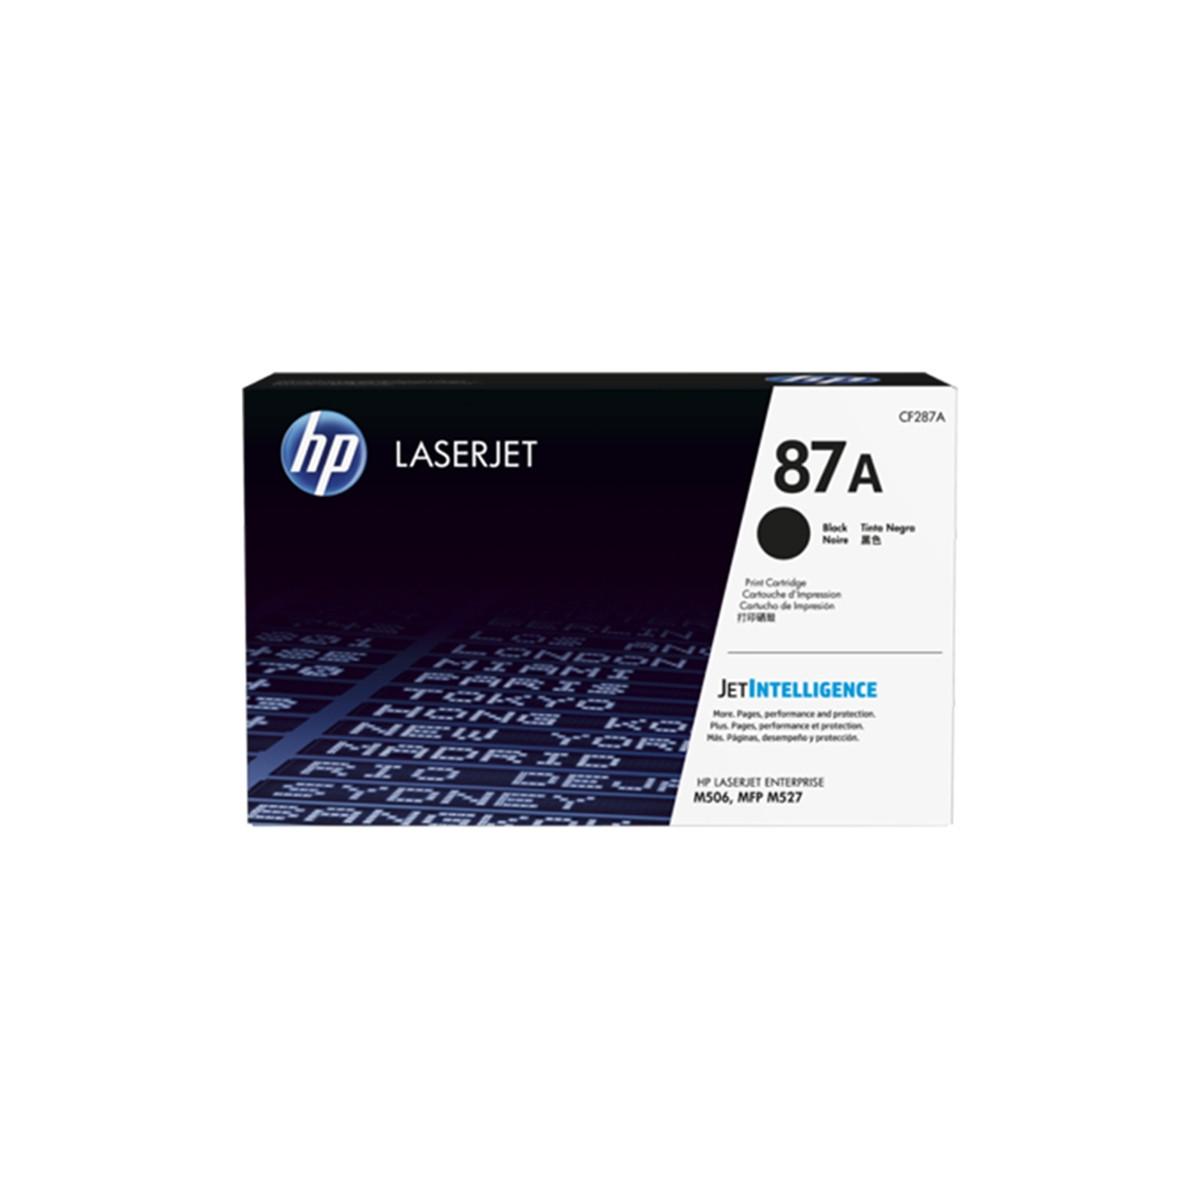 Toner HP CF287A CF287AB 87A | Laserjet M506dn M506x M527dn M501dn | Original 9k